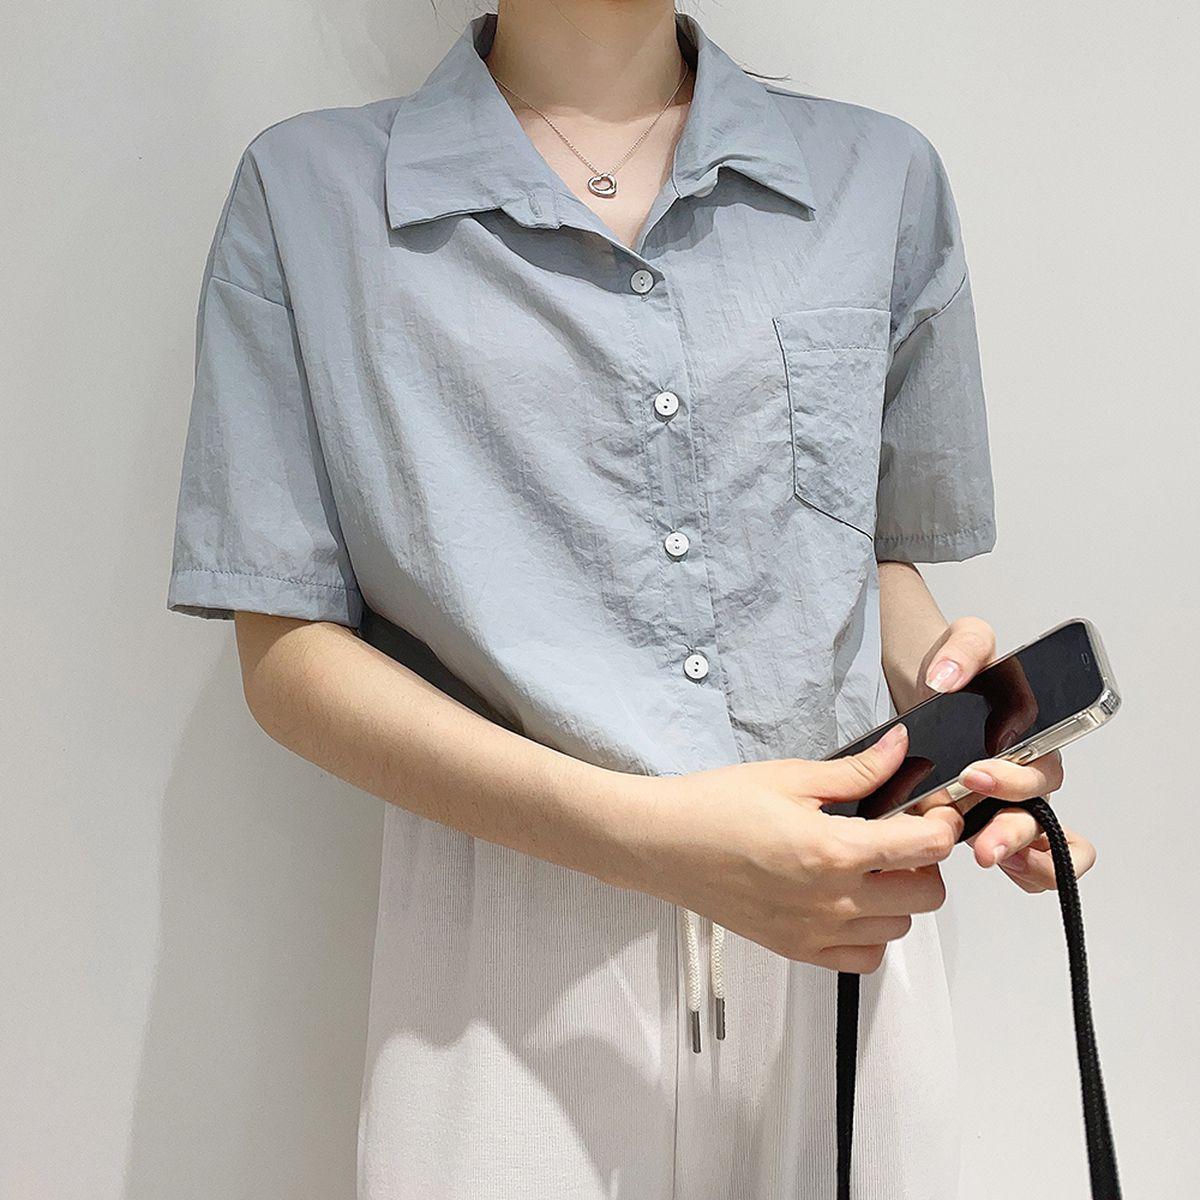 クロップ半袖シャツ